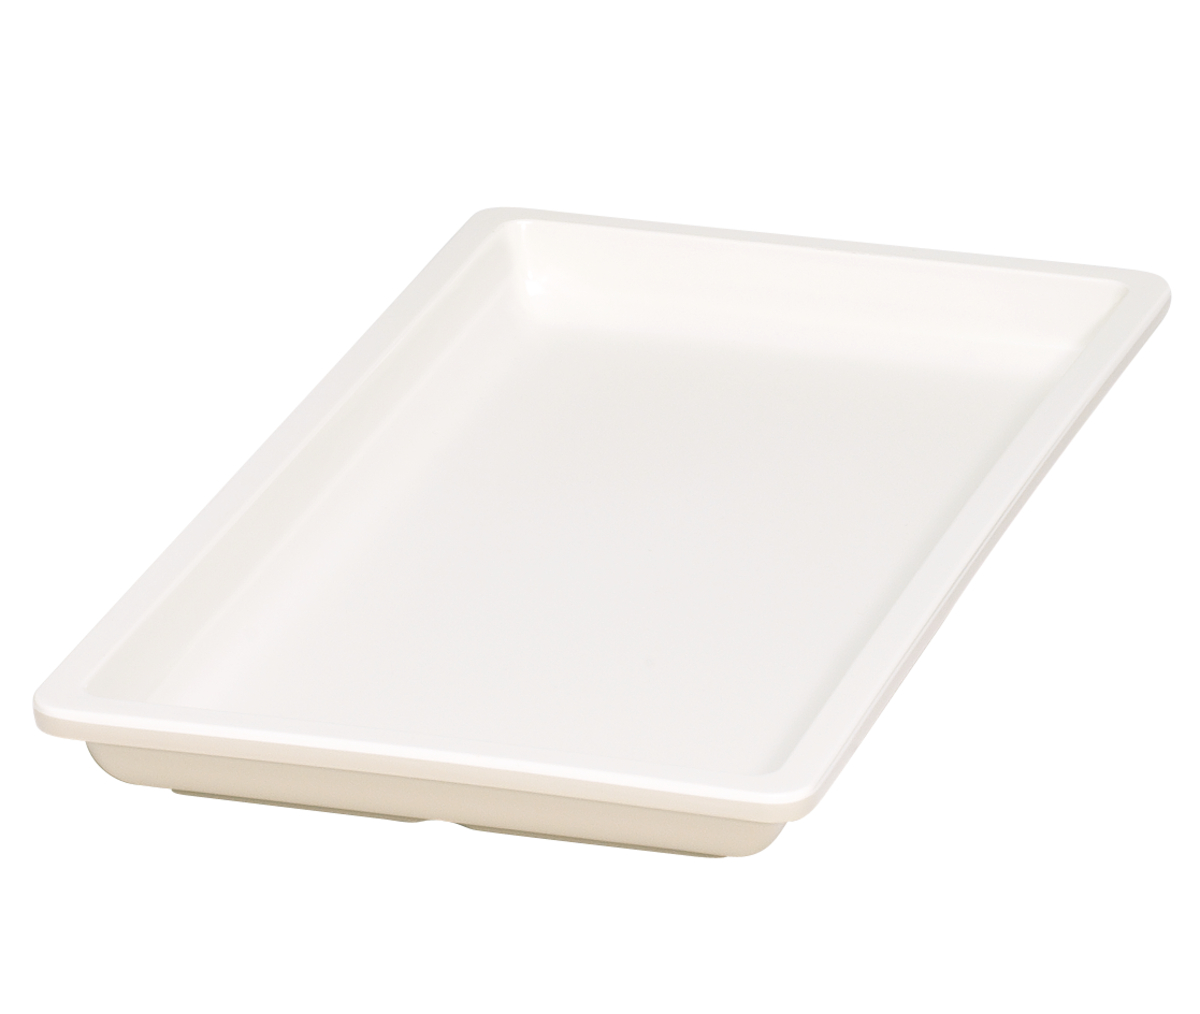 Bac gn 1/3 rectangulaire beige mélamine 32,50 cm Vestah Platex